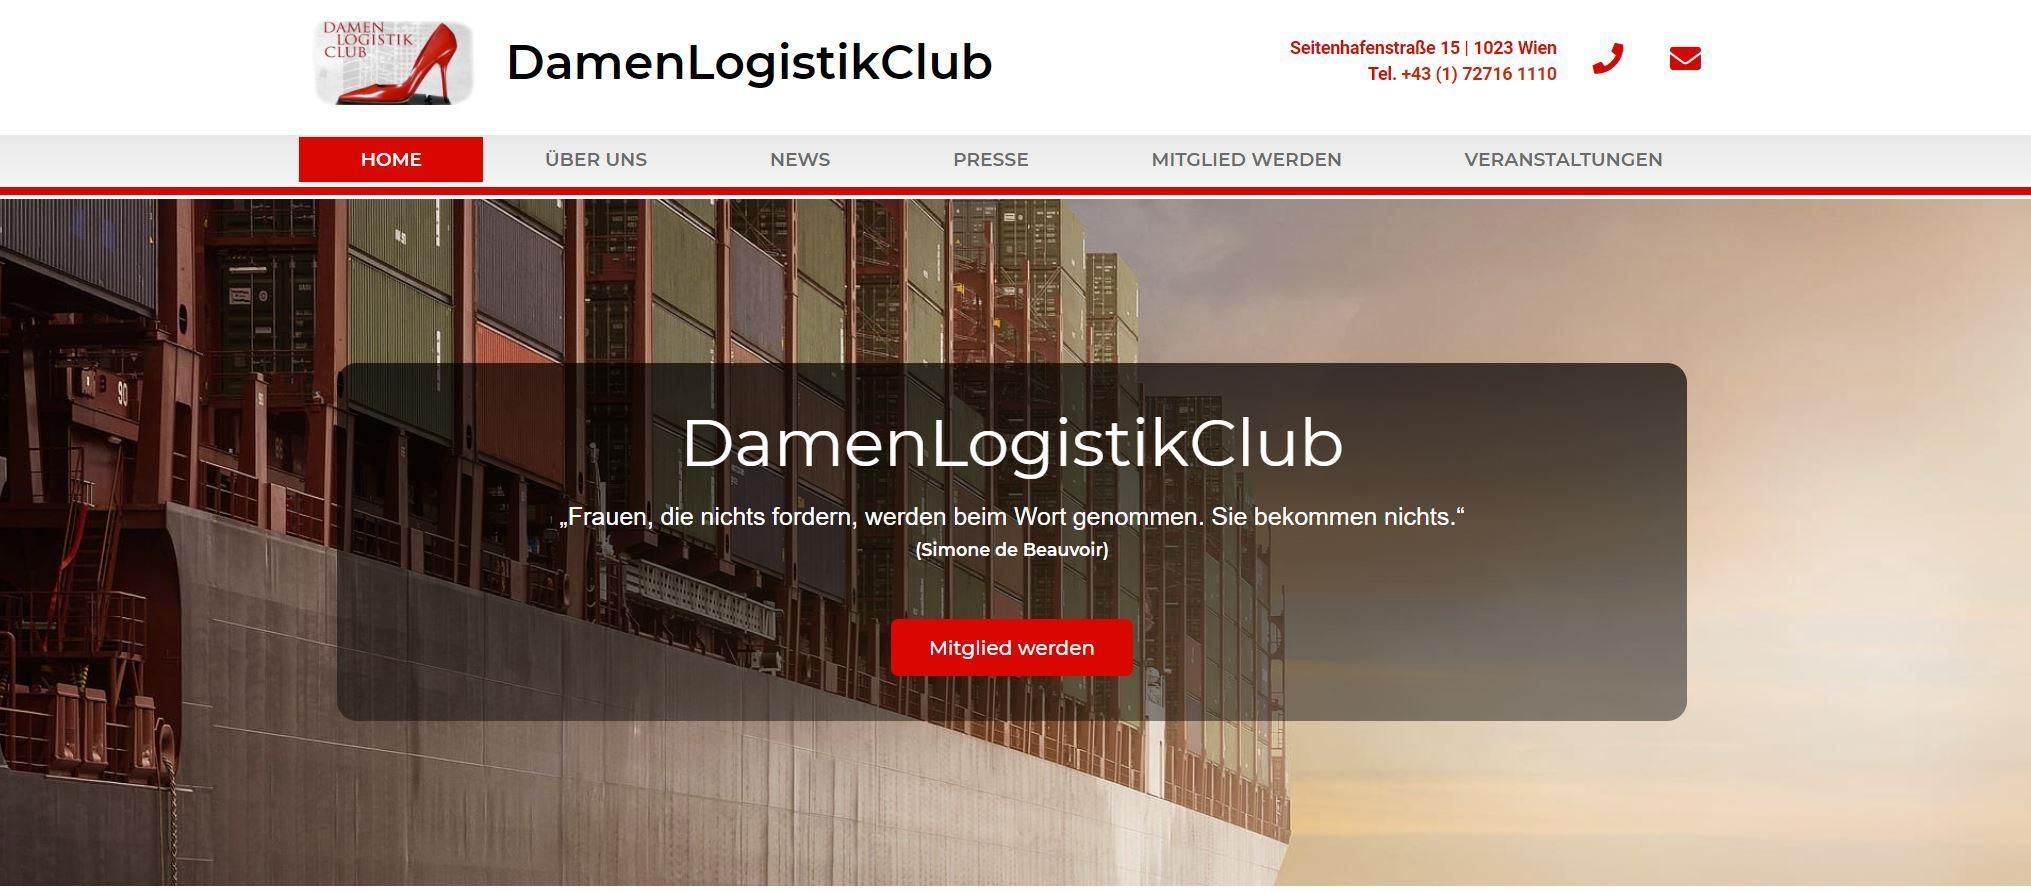 Der Damenlogistikclub ist das Portal der die Logistikszene in Österreichs